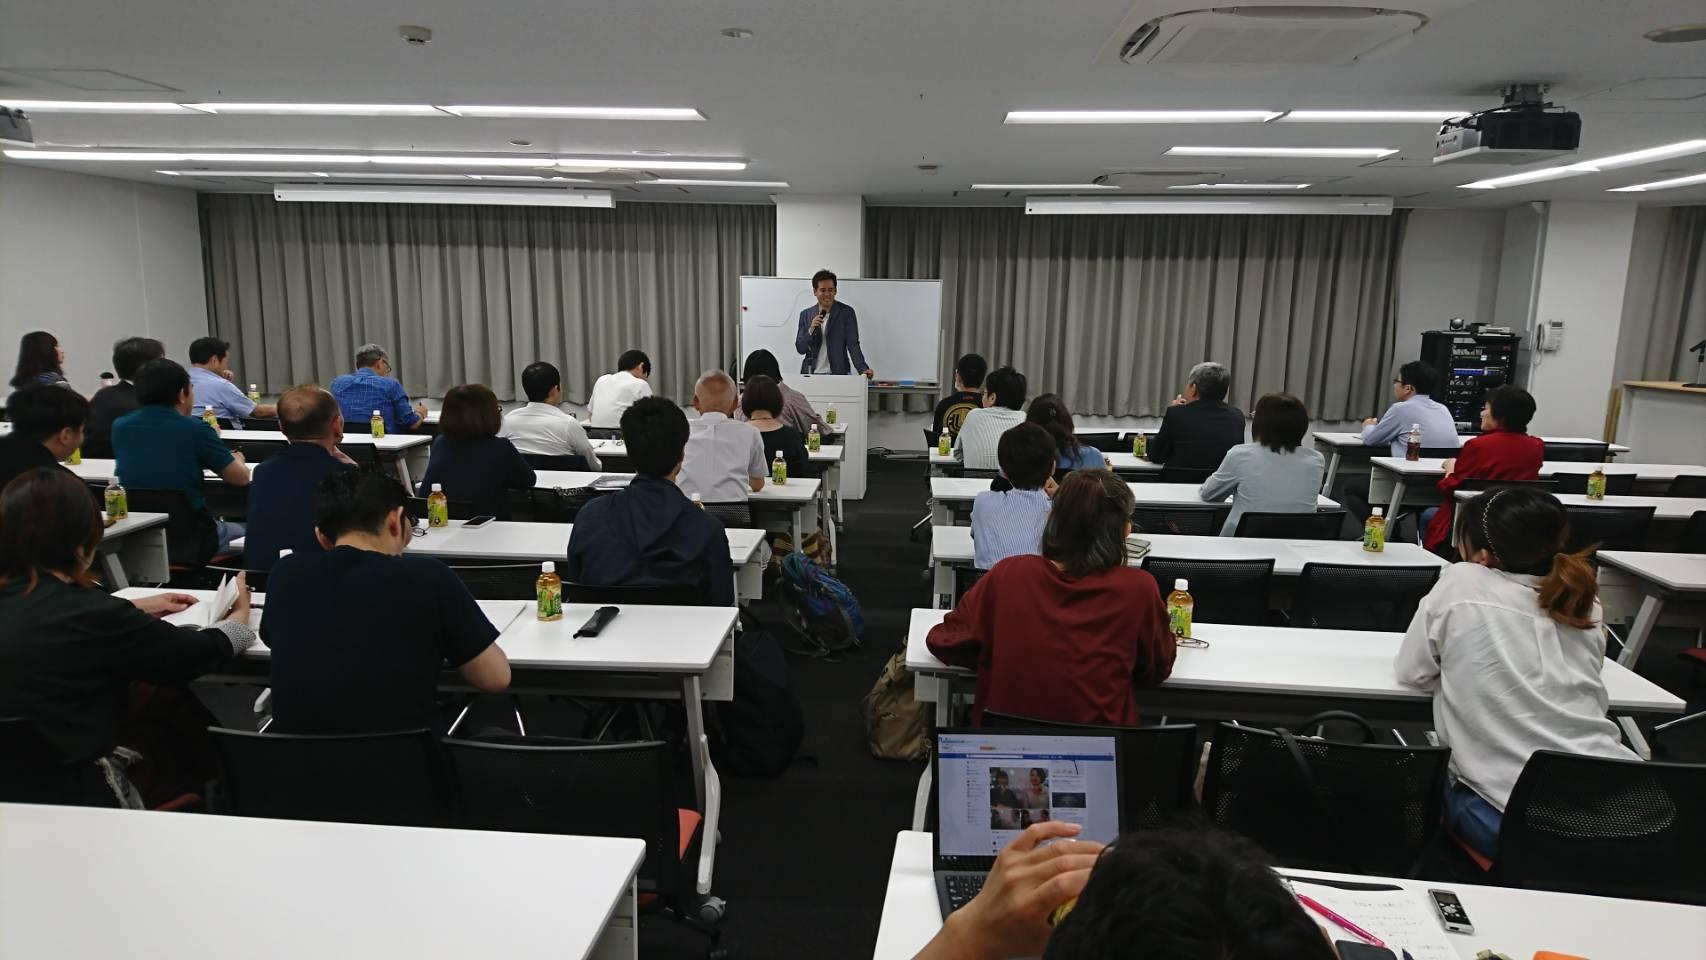 前回のKADOKAWAセミナーに登壇した竹井佑介の様子